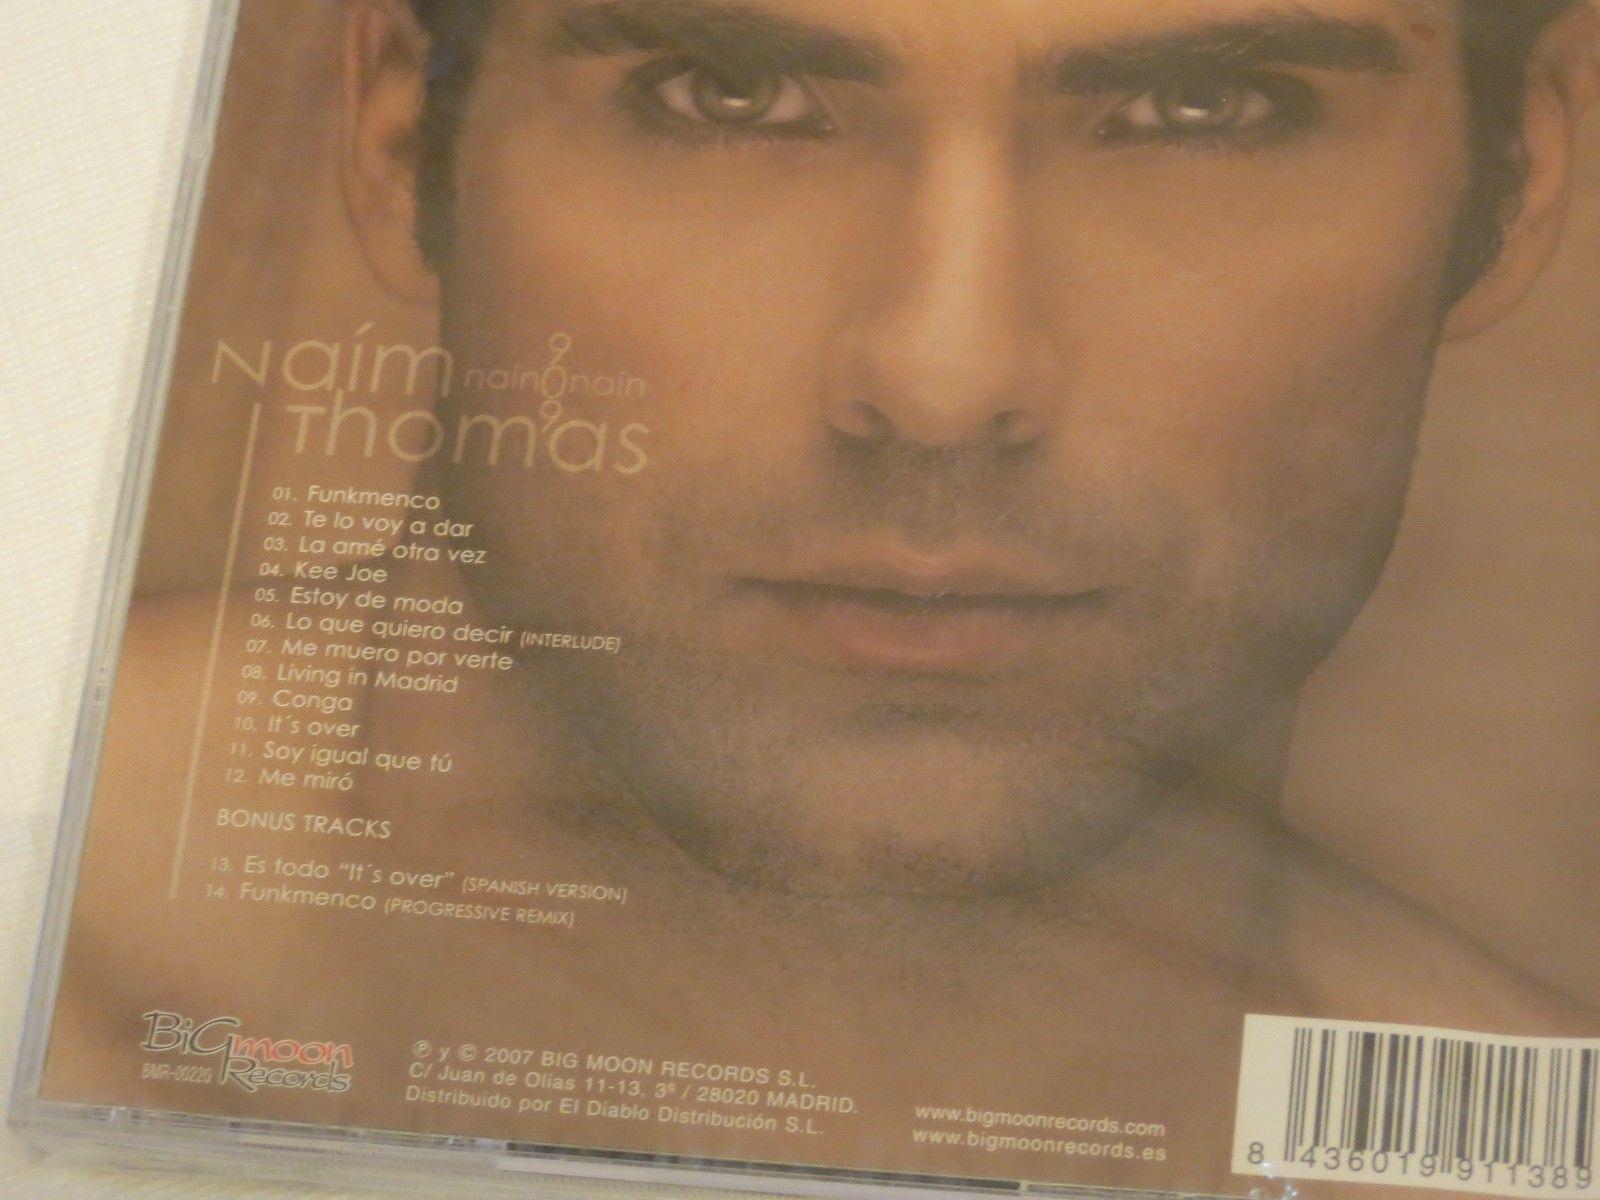 Naim Thomas NAIN o NAIN Nainonain SUPER RARE CD 909 funkmenco kee joe congo over